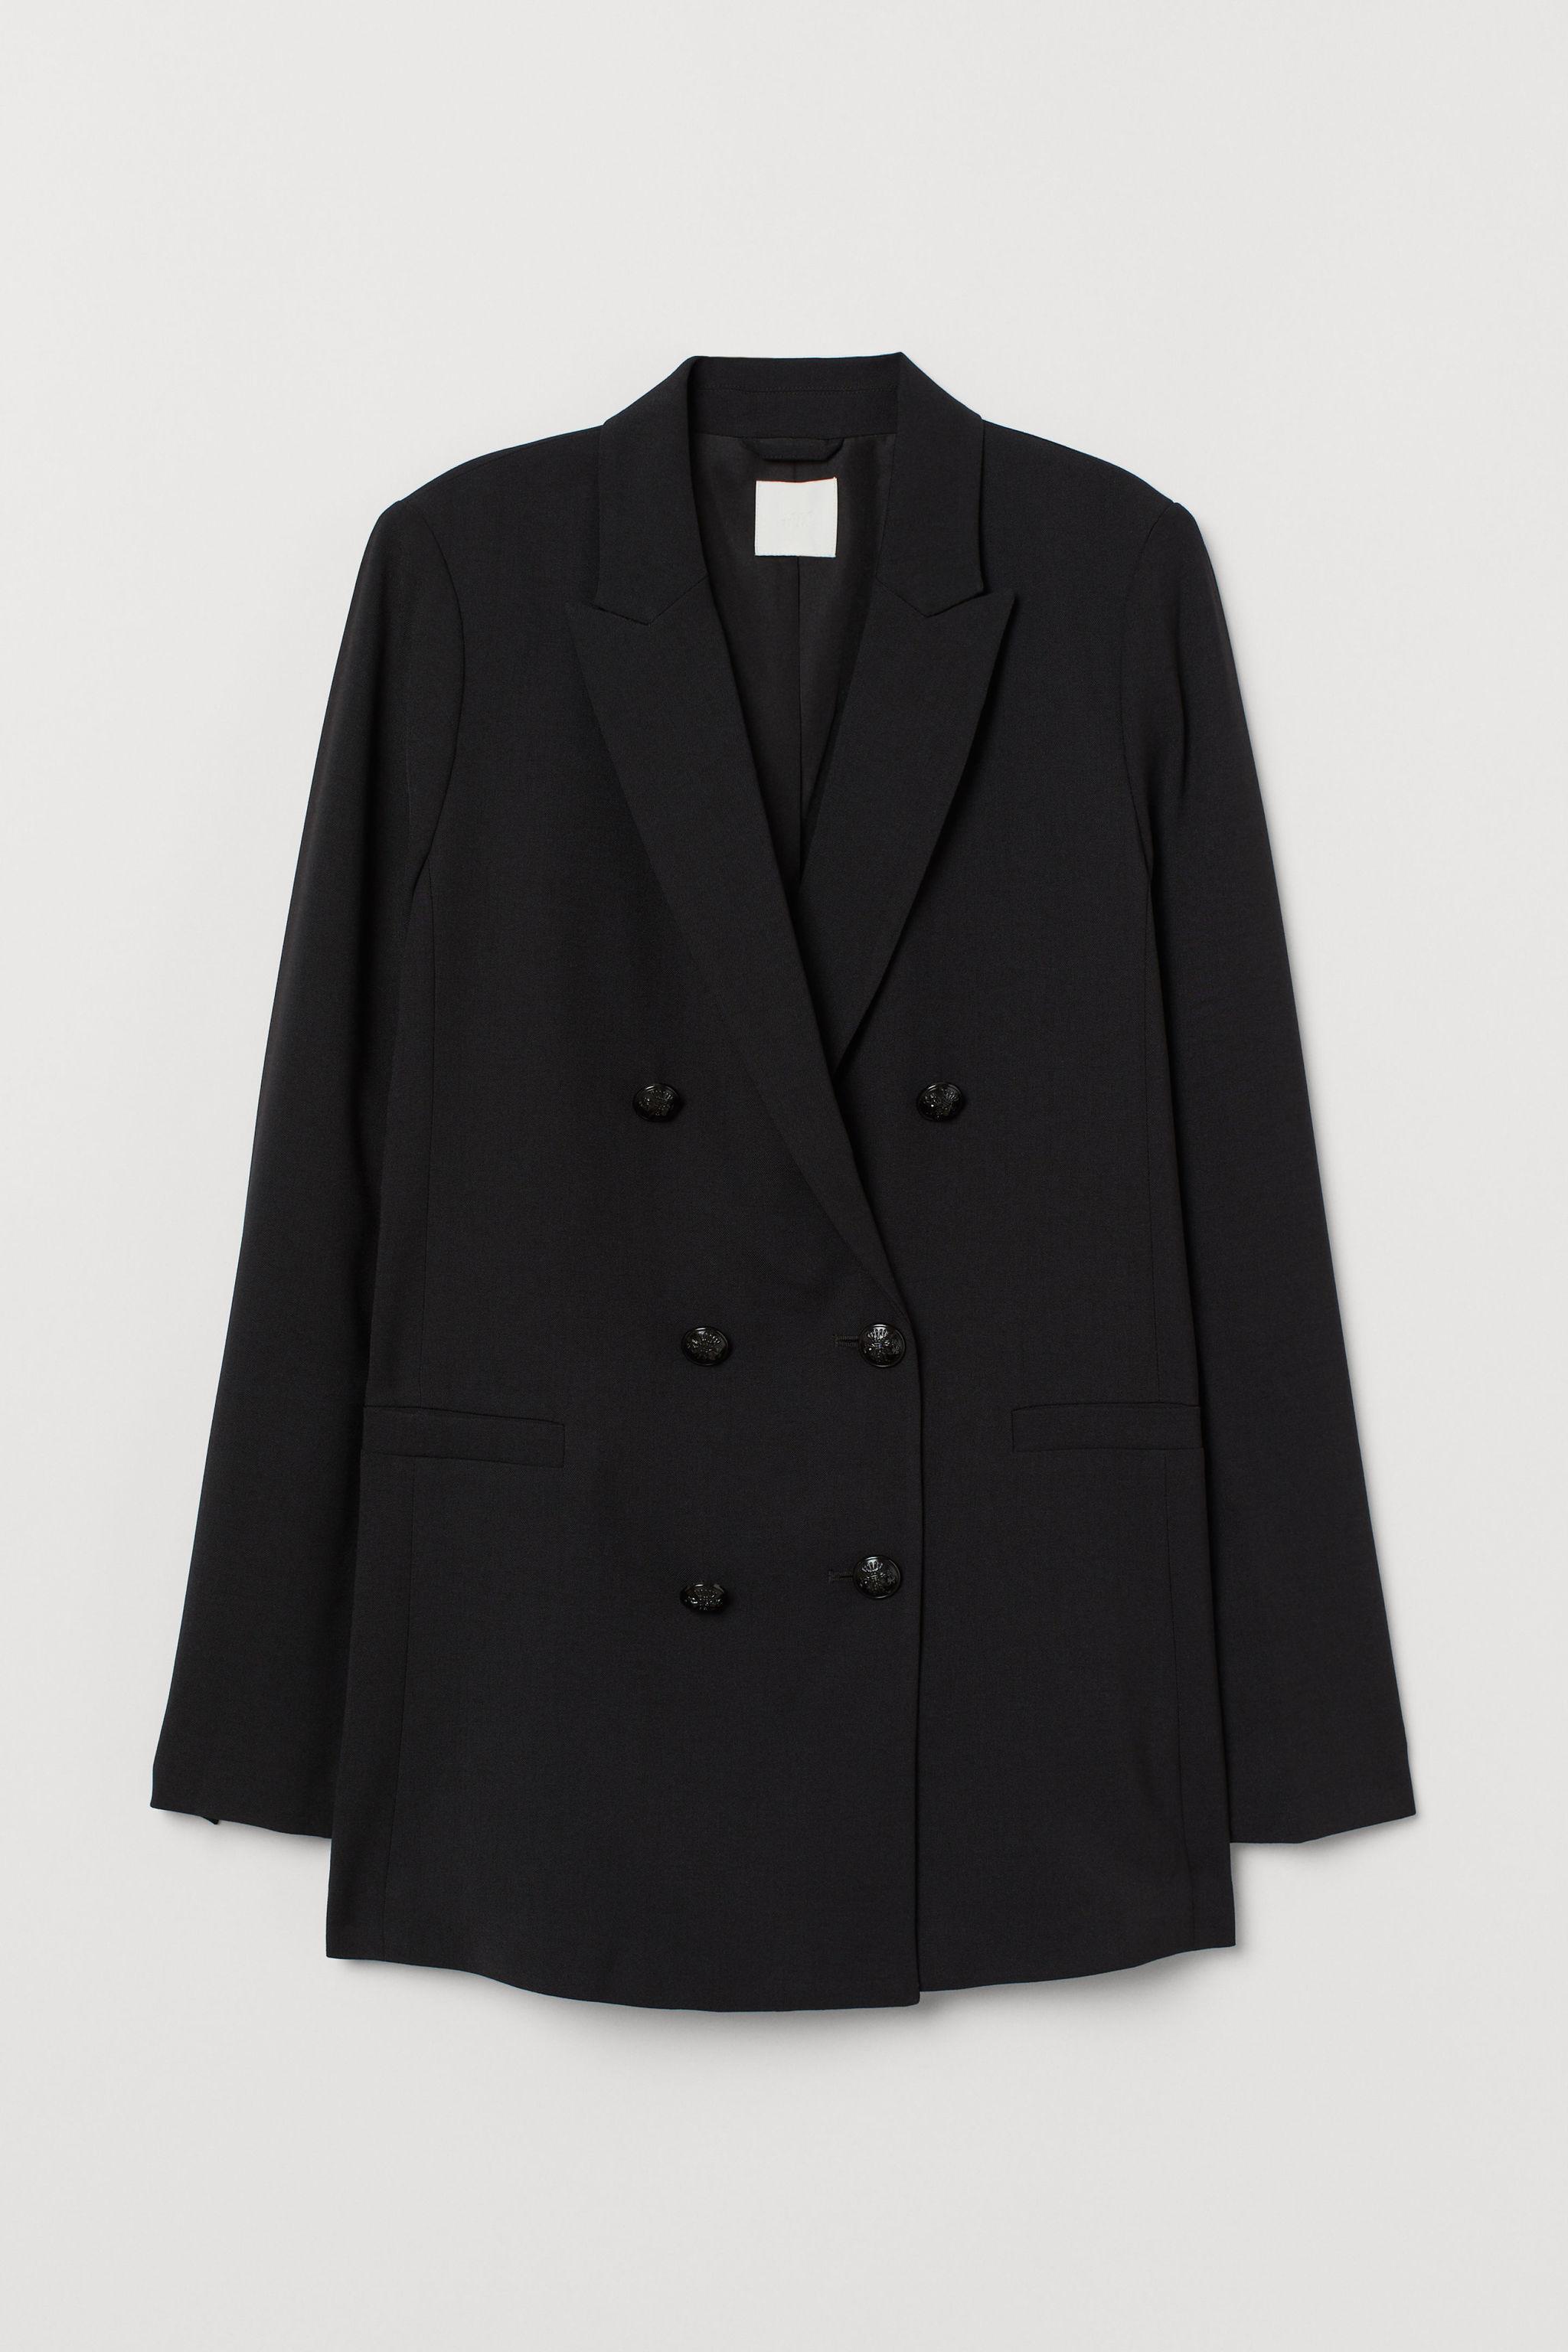 Blazer de H&M (39,90 euros).